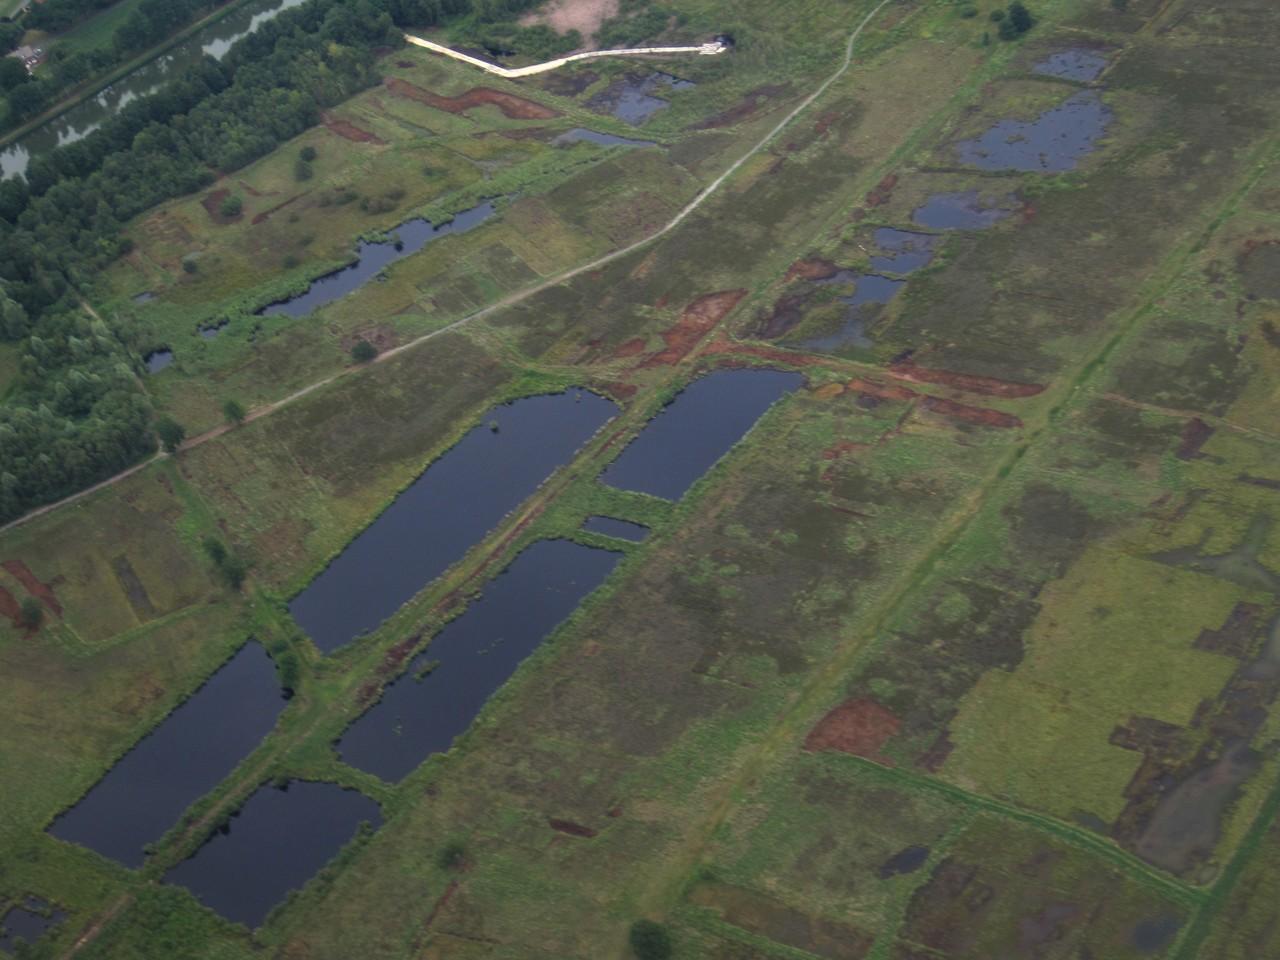 Luftbild - rechteckige Seen entstanden durch Bademoorabbau